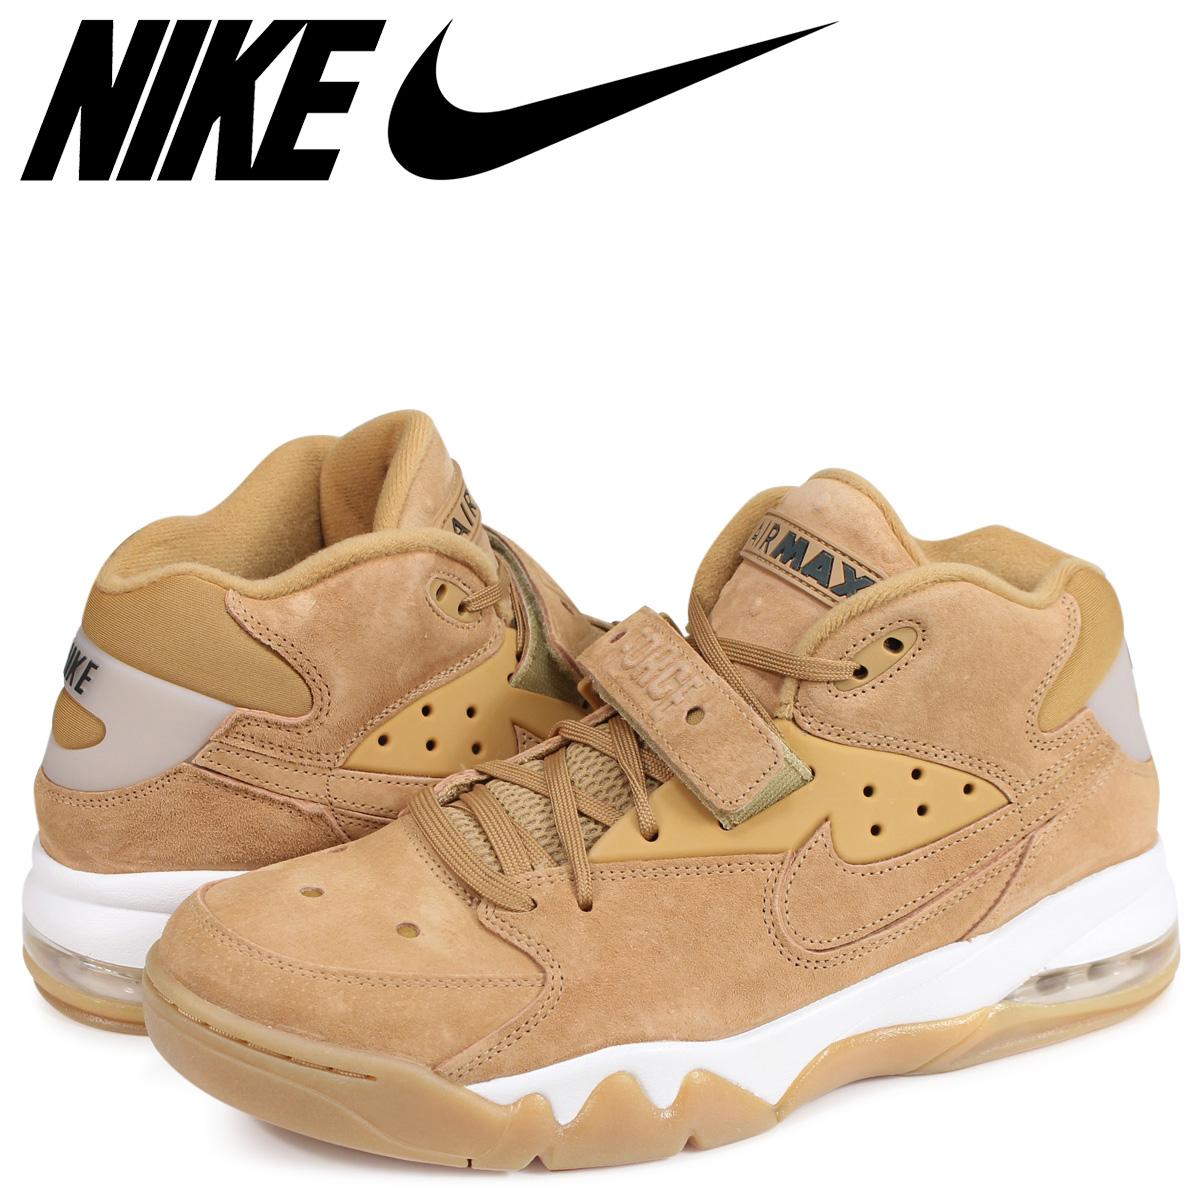 NIKE AIR FORCE MAX PRM Nike air force max sneakers men 315,065 200 brown